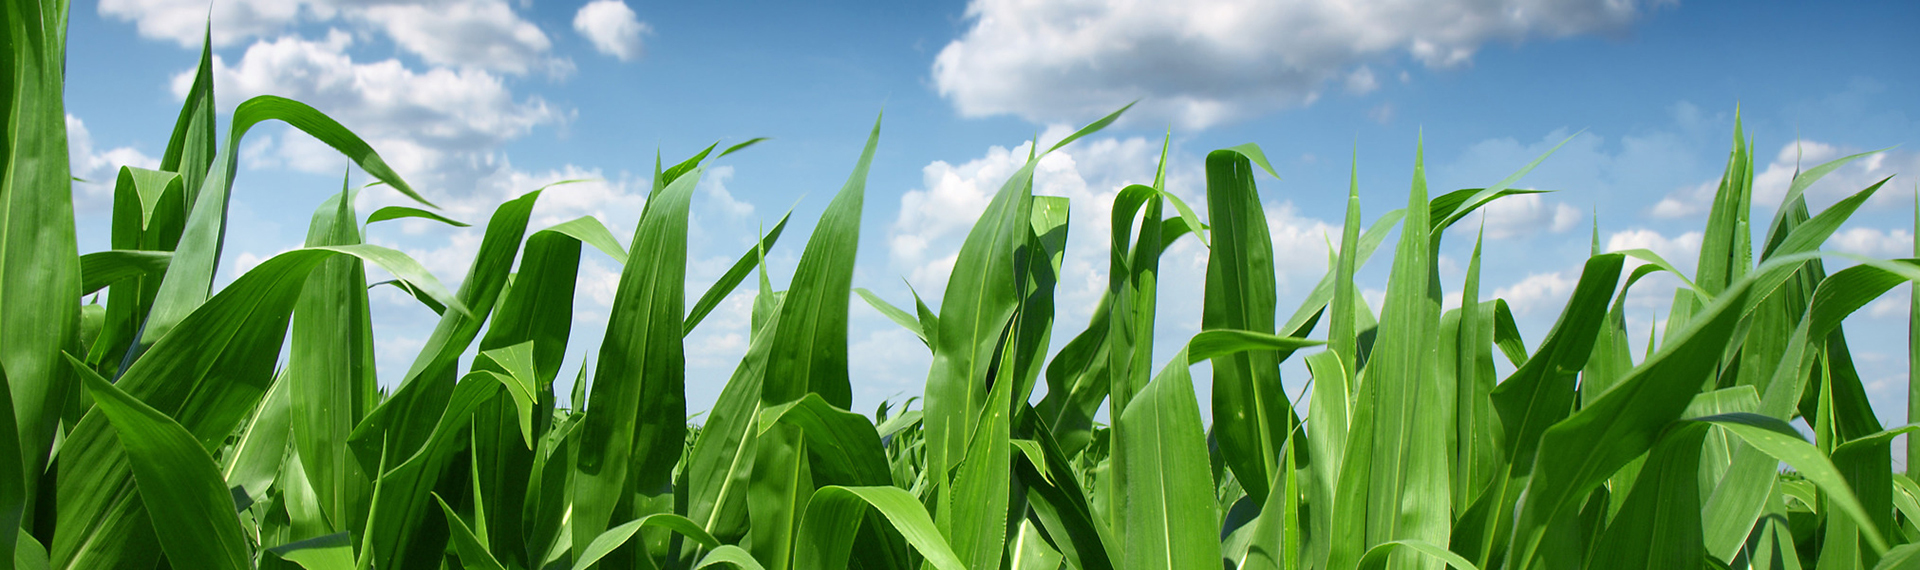 Corn Sky